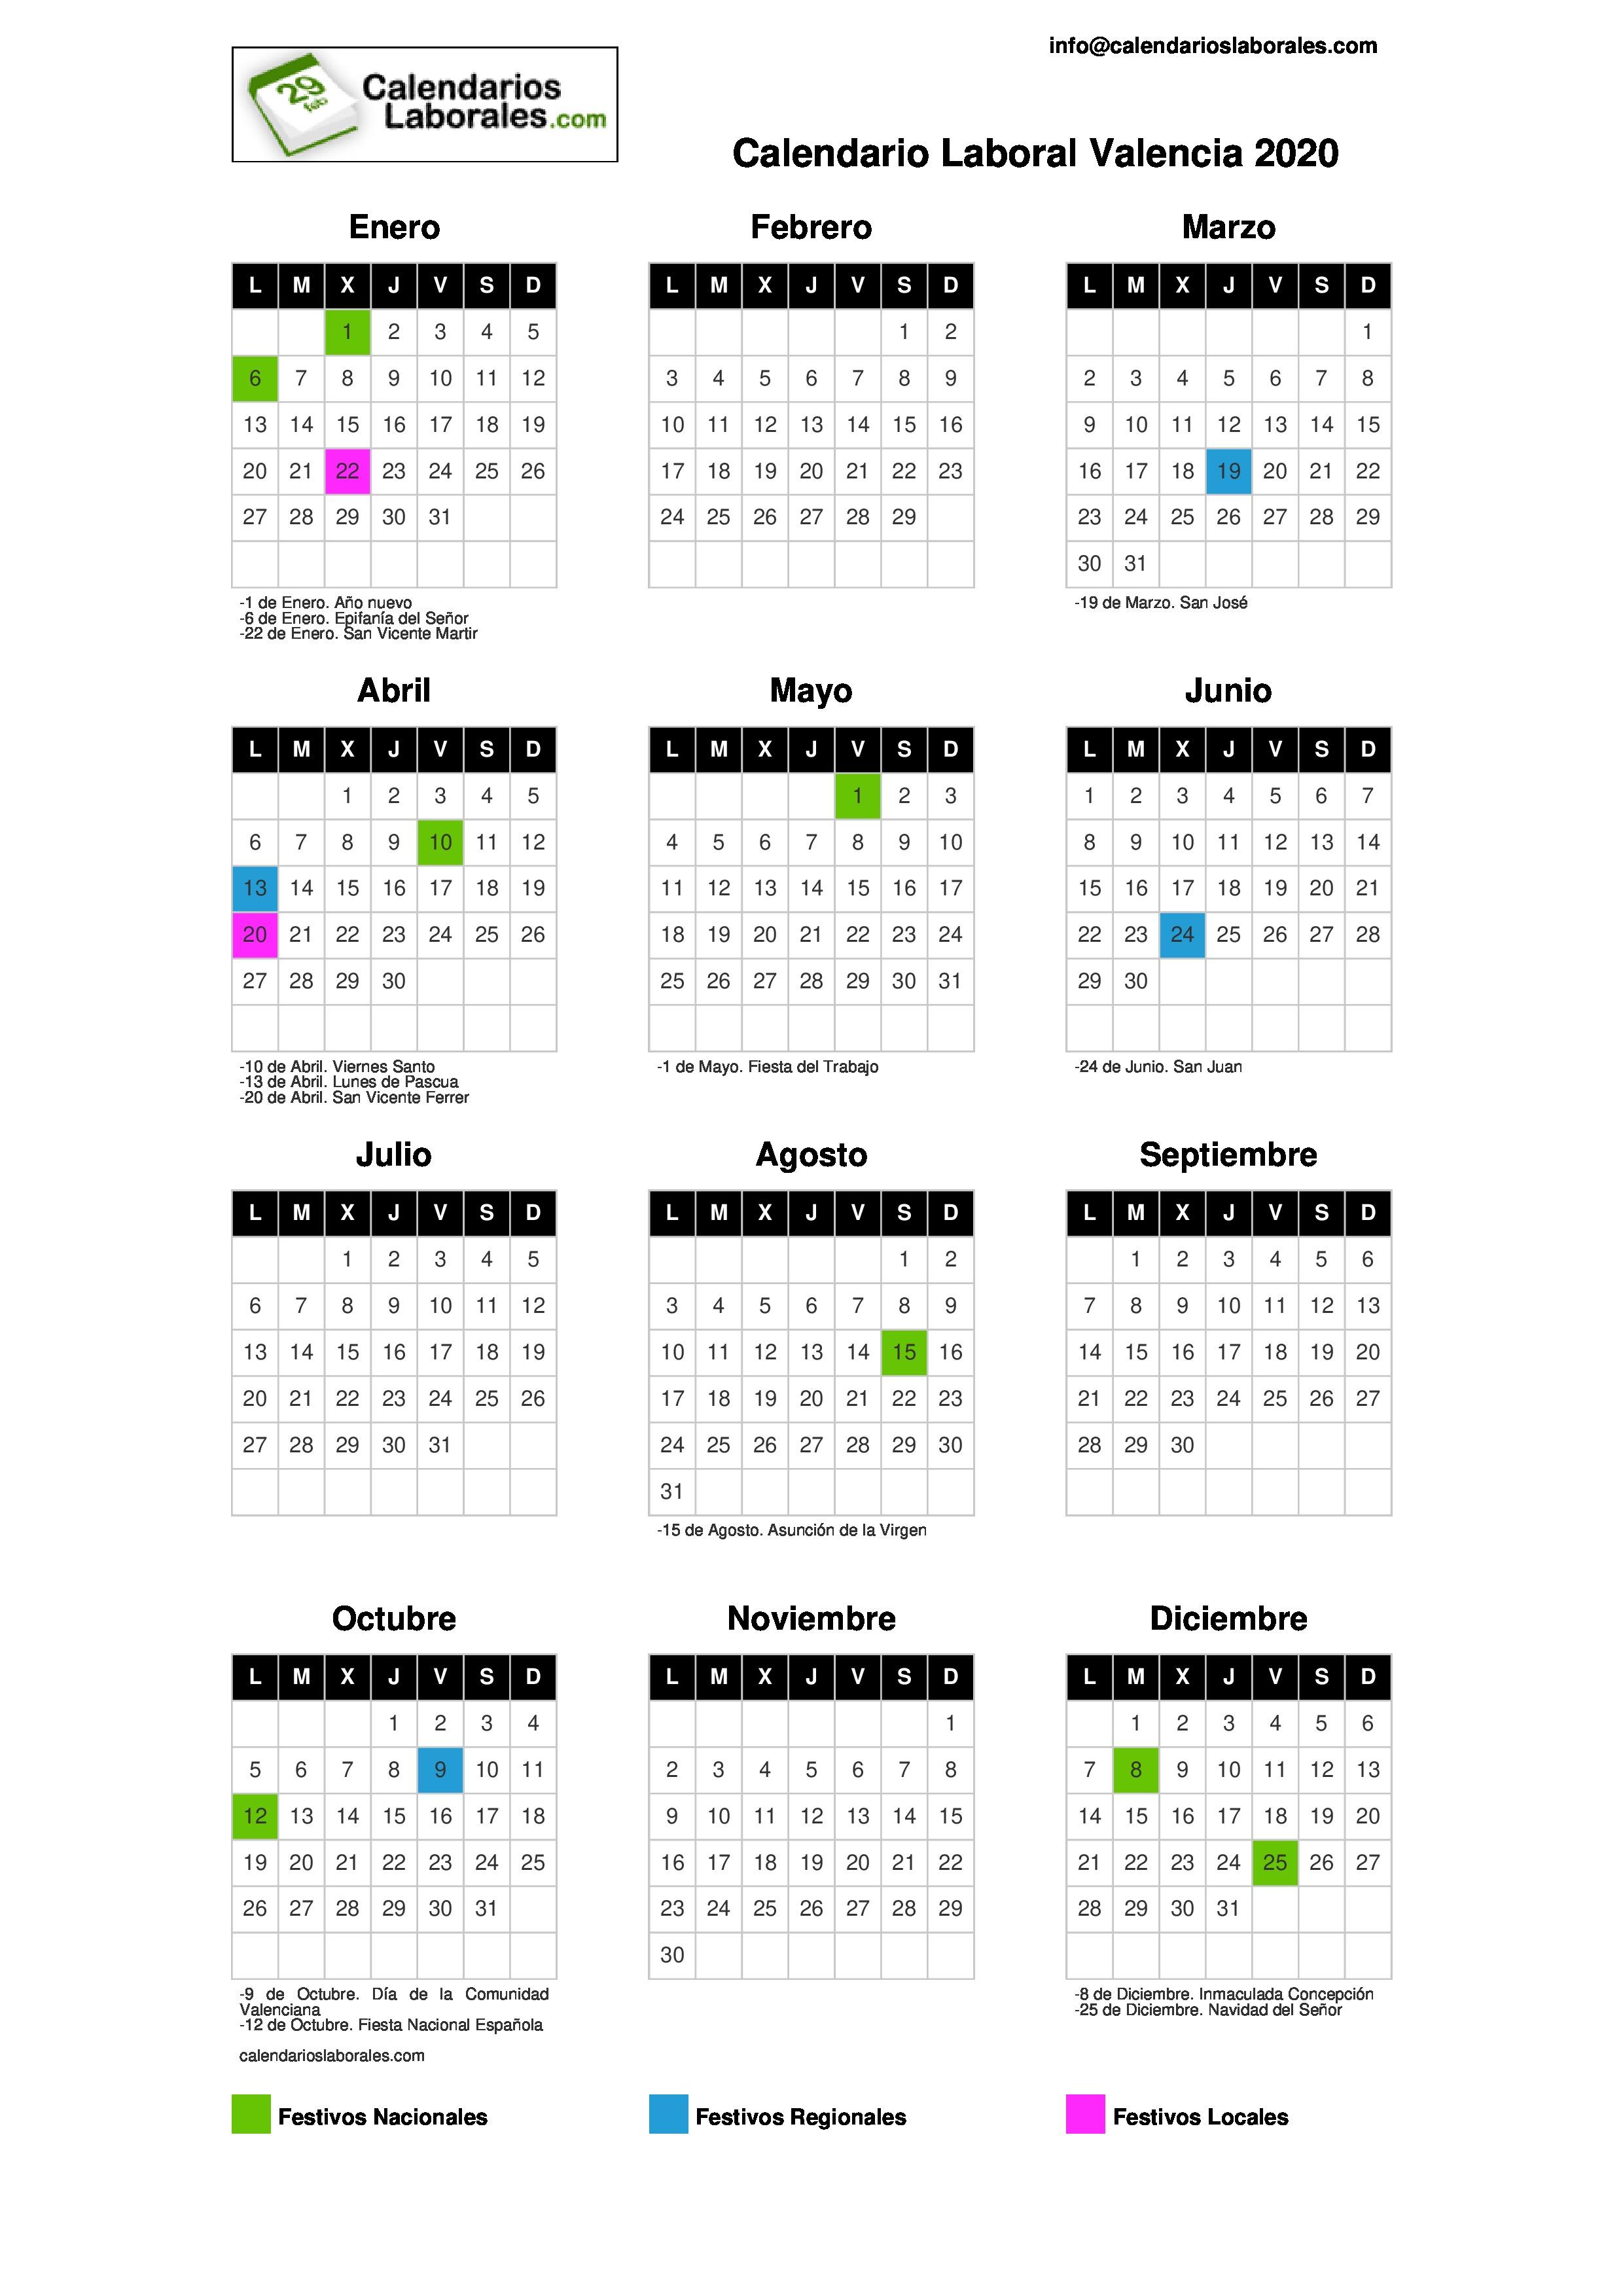 Calendario Laboral 2020 Comunidad Valenciana.Calendario Laboral Valencia 2020